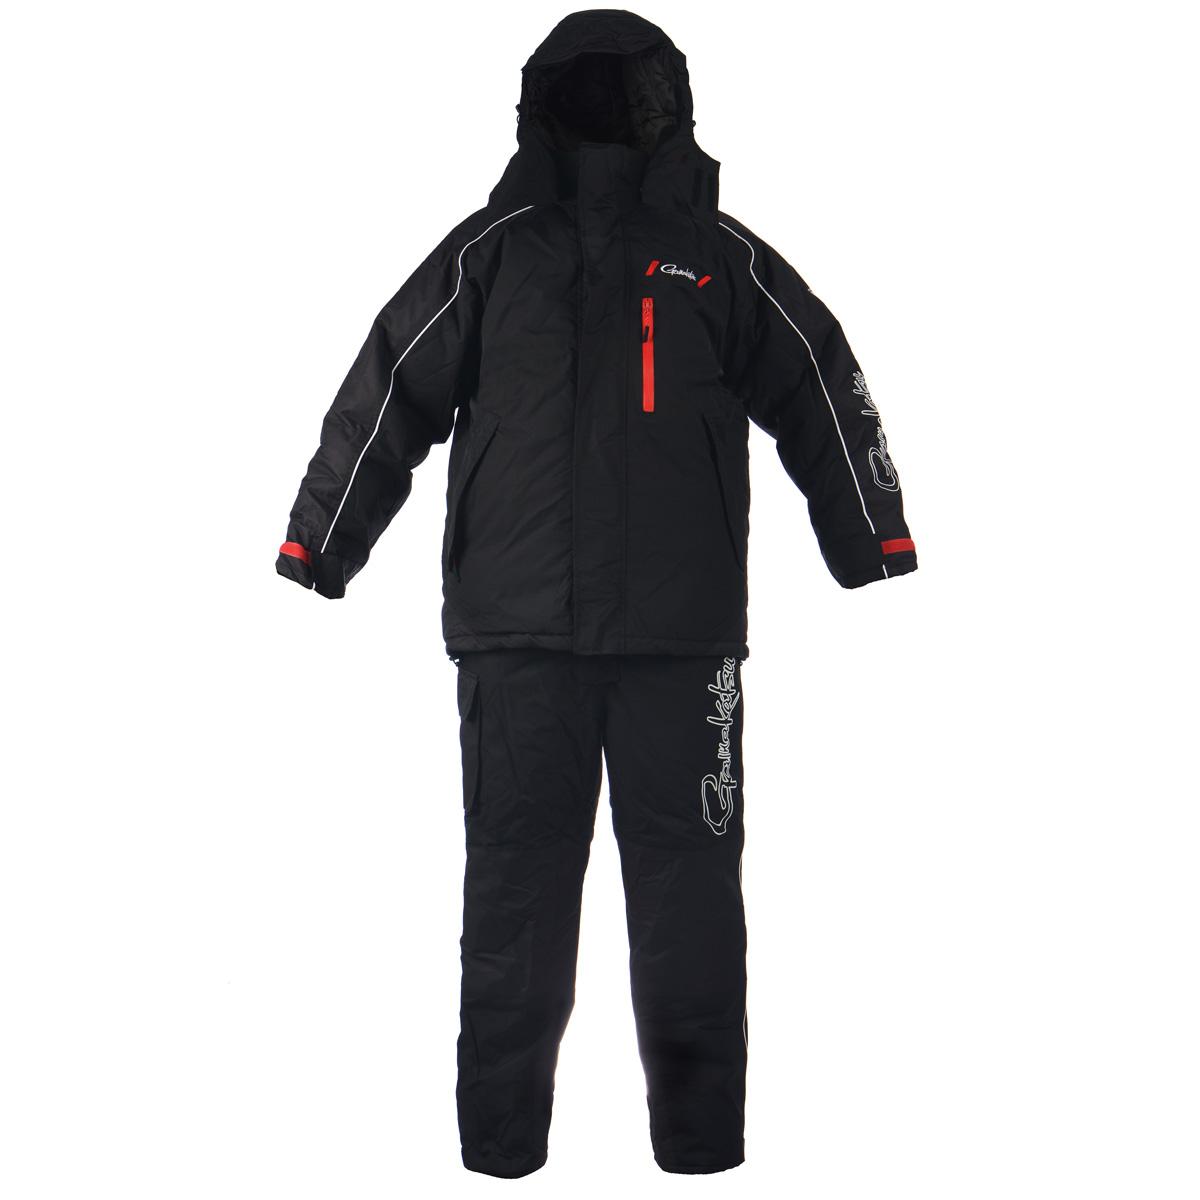 Комплект мужской Gamakatsu: куртка, полукомбинезон, цвет: черный. 0041118. Размер XL (52/54)0041117Теплый мужской комплект Gamakatsu, состоящий из куртки с подстежкой Ultralight и полукомбинезона,предназначен для сурового климата с экстремально низкими температурами (от -5°С до -50°С). Верхний материал выполнен из 100% нейлона, подкладка и утеплитель из 100%полиэстера. Куртка с капюшоном застегивается на пластиковую застежку-молнию с двойнымбегунком и дополнительно имеет две внешних планки, застегивающихся на липучки.Предусмотрен капюшон, пристегивающийся с помощью застежек-кнопок и дополненныйэластичным шнурком на стопперах. Капюшон фиксируется под подбородком клапаном налипучки. Для большего комфорта основная подкладка выполнена из мягкого и теплогофлиса. Рукава дополнены внутренними эластичными манжетами с хлястиками на липучках,а также внешними хлястиками на липучках, с помощью которых можно регулироватьобхват рукавов понизу. На груди предусмотрен вместительный прорезной карман назастежке-молнии, также спереди имеются еще два прорезных кармана на молниях. Сизнаночной стороны куртки расположен накладной карман на застежке-молнии. Понизупроходит скрытая эластичная резинка со стопперами. В комплект входит подстежка Ultralight,выполненная в виде утепленной куртки из нейлона, на подкладке из полиэстера. В качествеутеплителя также используется полиэстер. Подстежку можно носит в прохладную погоду,как куртку. Подстежка пристегивается к изнаночной стороне куртки с помощьюпластиковых застежек-молний. Теплый полукомбинезон с грудкой застегивается на пластиковую застежку-молнию,закрытую сверху ветрозащитной планкой на липучках и застежке-кнопке. Также имеютсянаплечные лямки, регулируемые по длине. На талии по спинке предусмотрена вшитаяэластичная резинка, которая позволяет надежно заправить свитер. Спередипредусмотрены три прорезных кармана на застежках-молниях. Также сбоку имеетсявместительный накладной карман на длинной липучке. Низ брючин можно регулироватьпо ширине с по